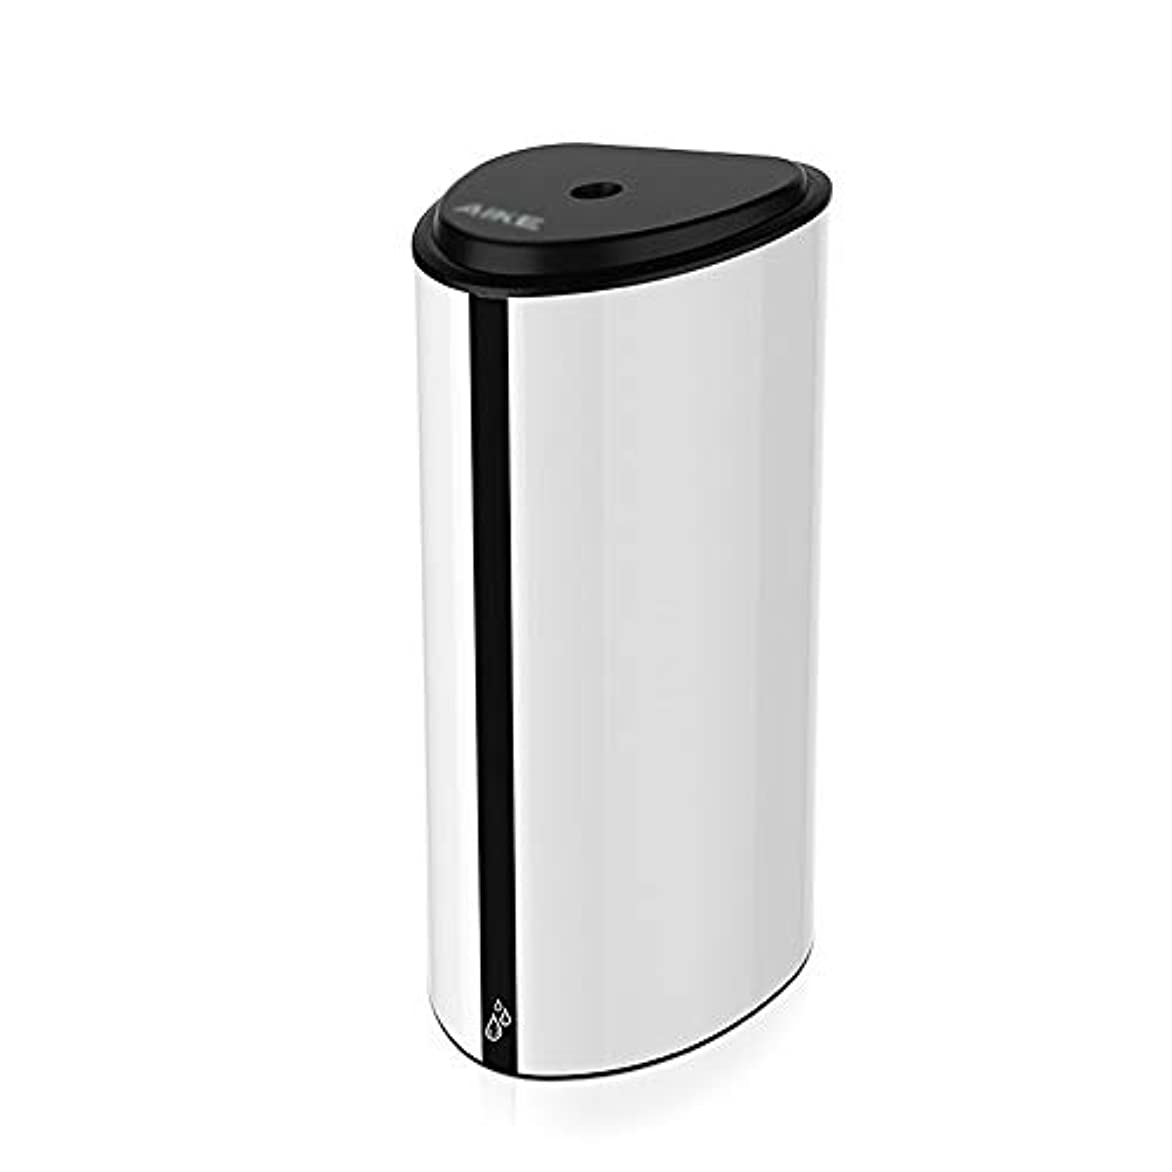 アレルギー性個人アプトソープディスペンサー 800ミリリットル容量の自動ソープディスペンサーは、タッチレスバッテリーは、ハンズフリーソープディスペンサーを運営しました ハンドソープ 食器用洗剤 キッチン 洗面所などに適用 (Color : White, Size : One size)